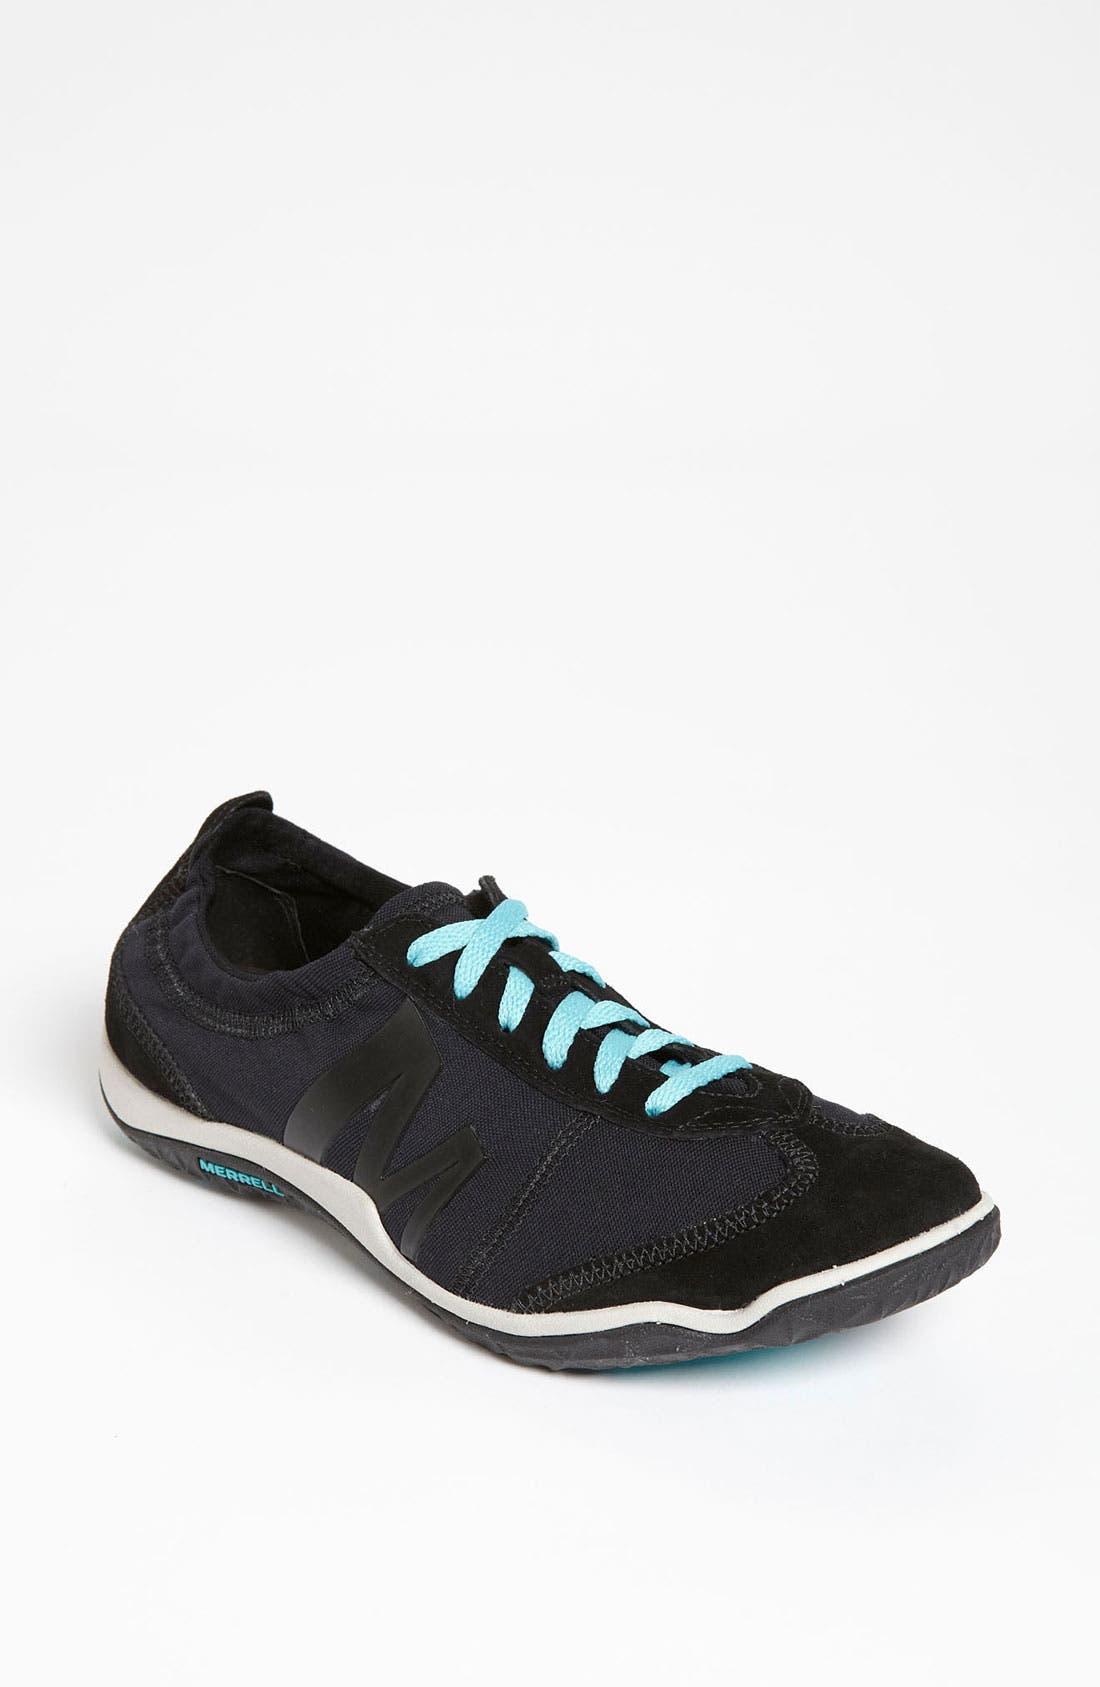 Alternate Image 1 Selected - Merrell 'Lorelei Twine' Sneaker (Women)